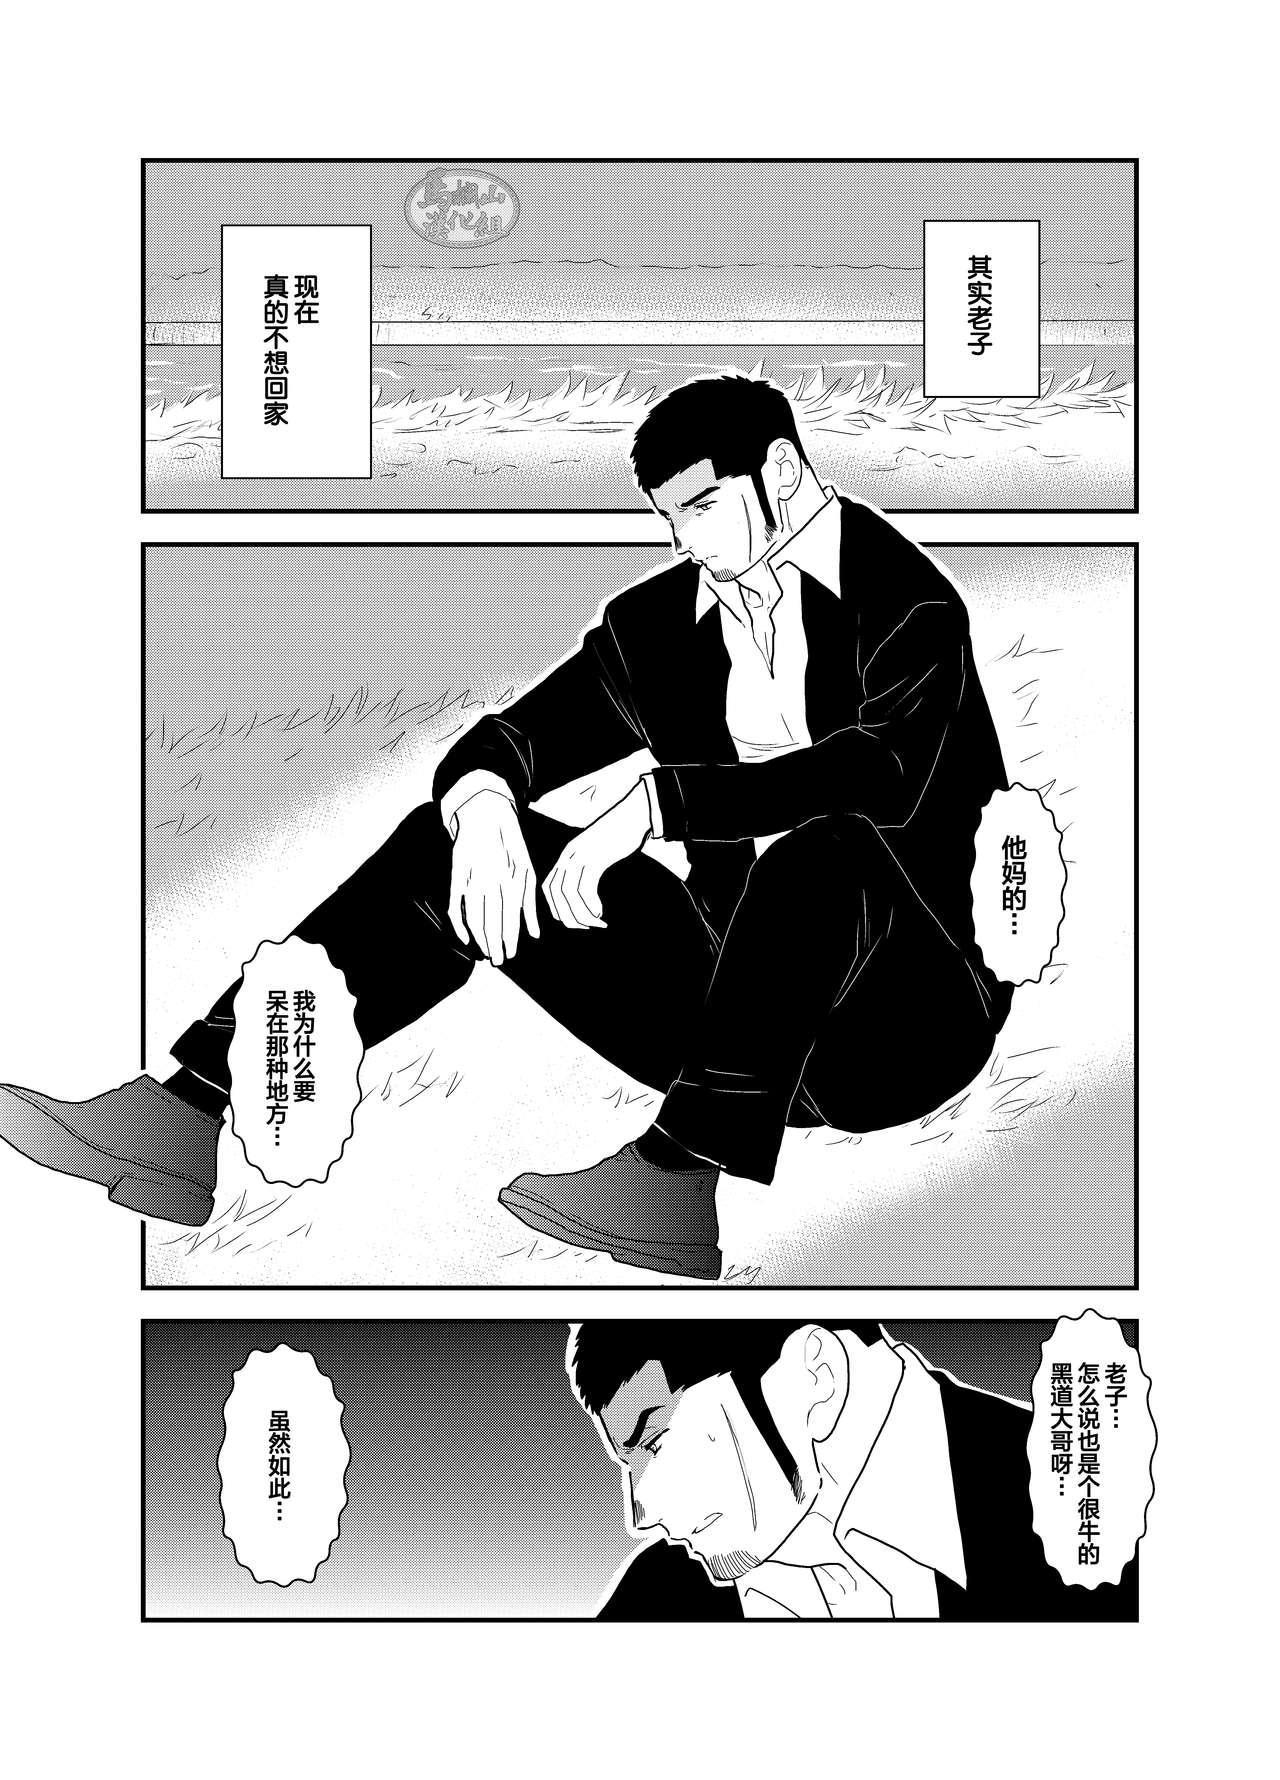 Moshimo Yakuza ni Koigokoro ga Mebae Hajimetara 1